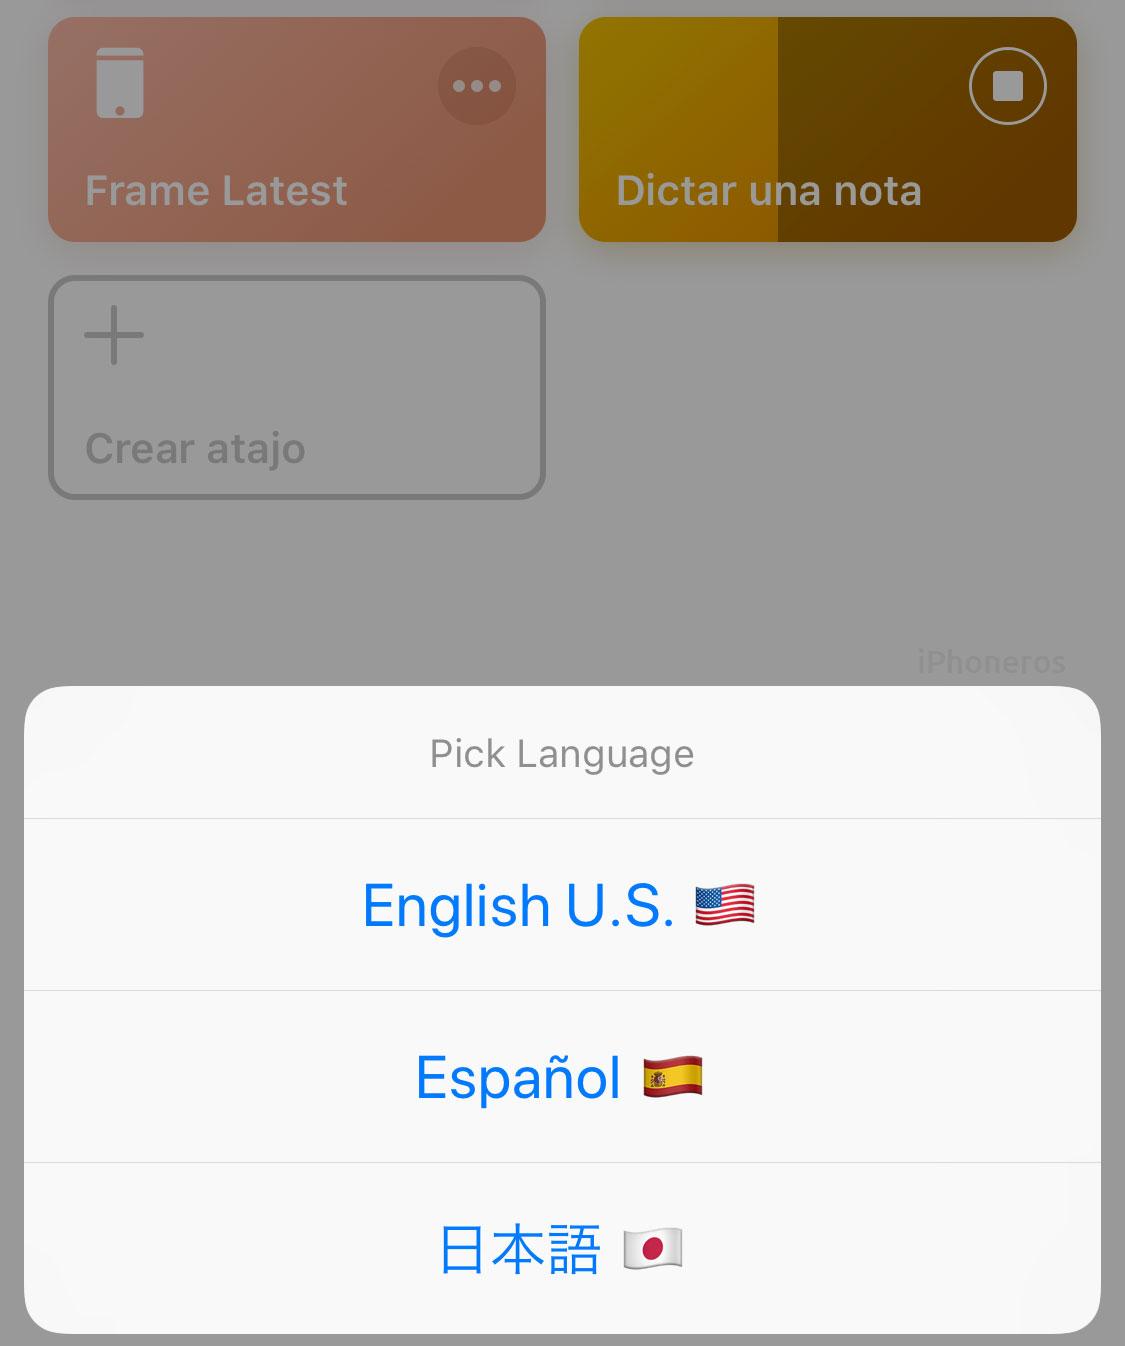 Idiomas para dictar en la App de Atajos